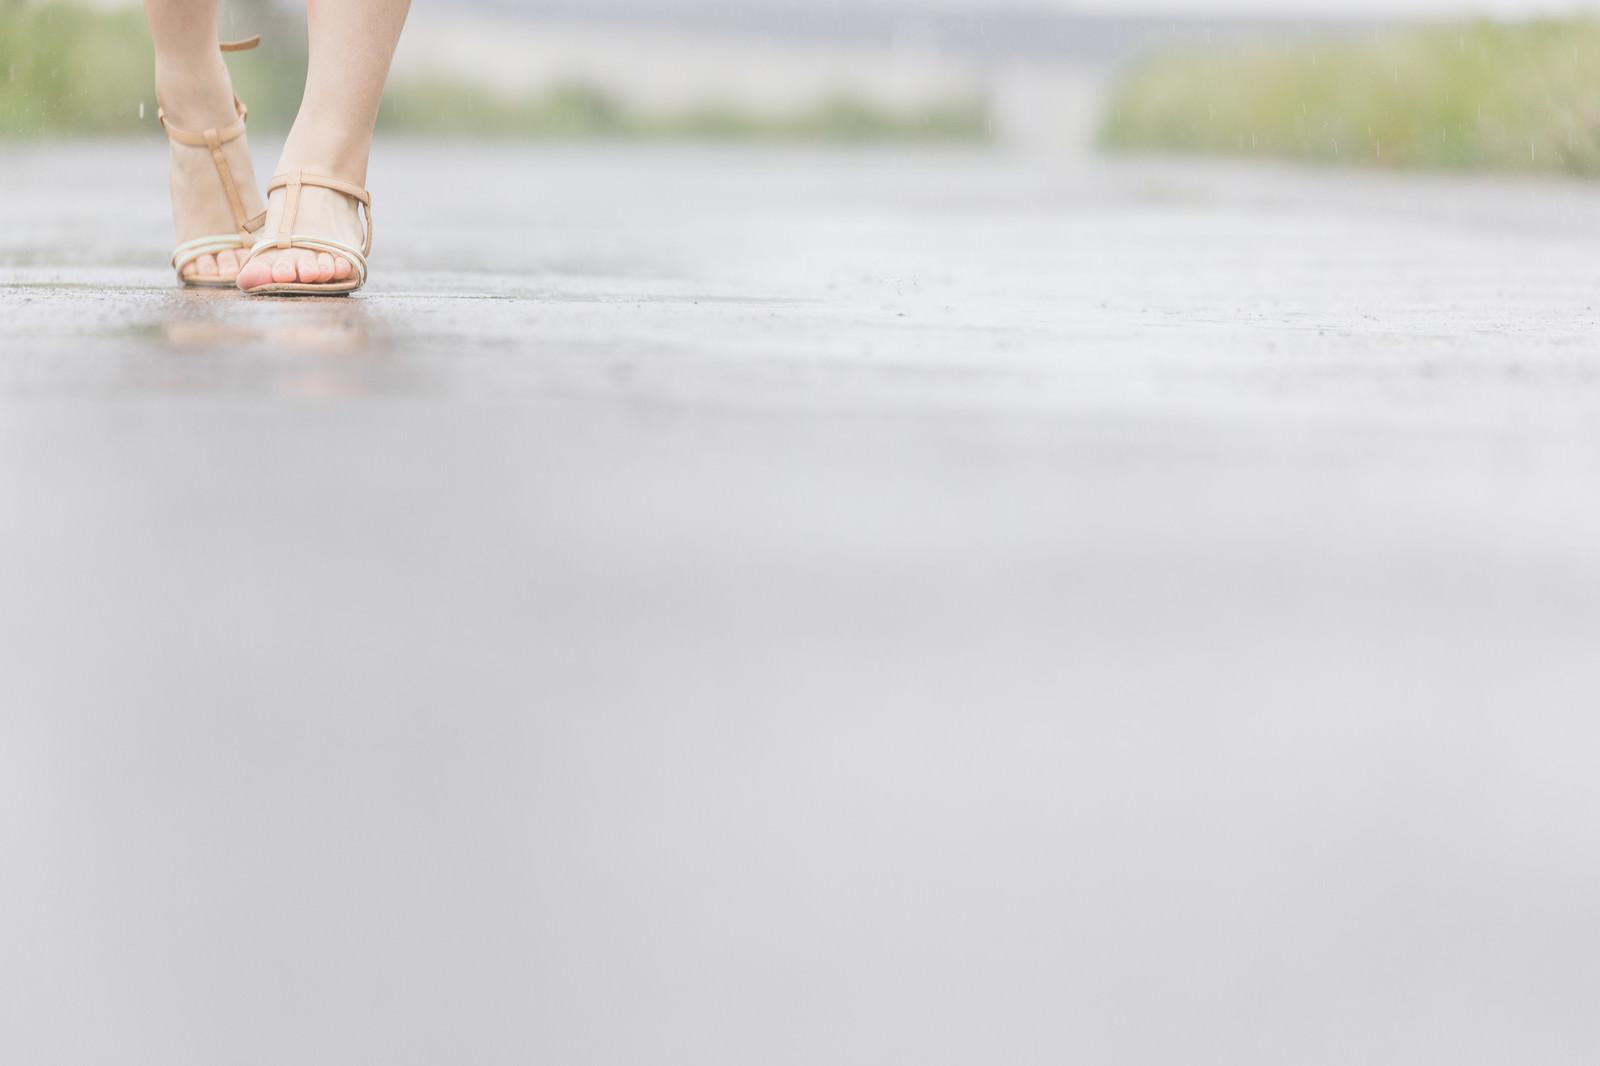 「雨道を歩く(女性の足元)雨道を歩く(女性の足元)」[モデル:佐竹PP]のフリー写真素材を拡大